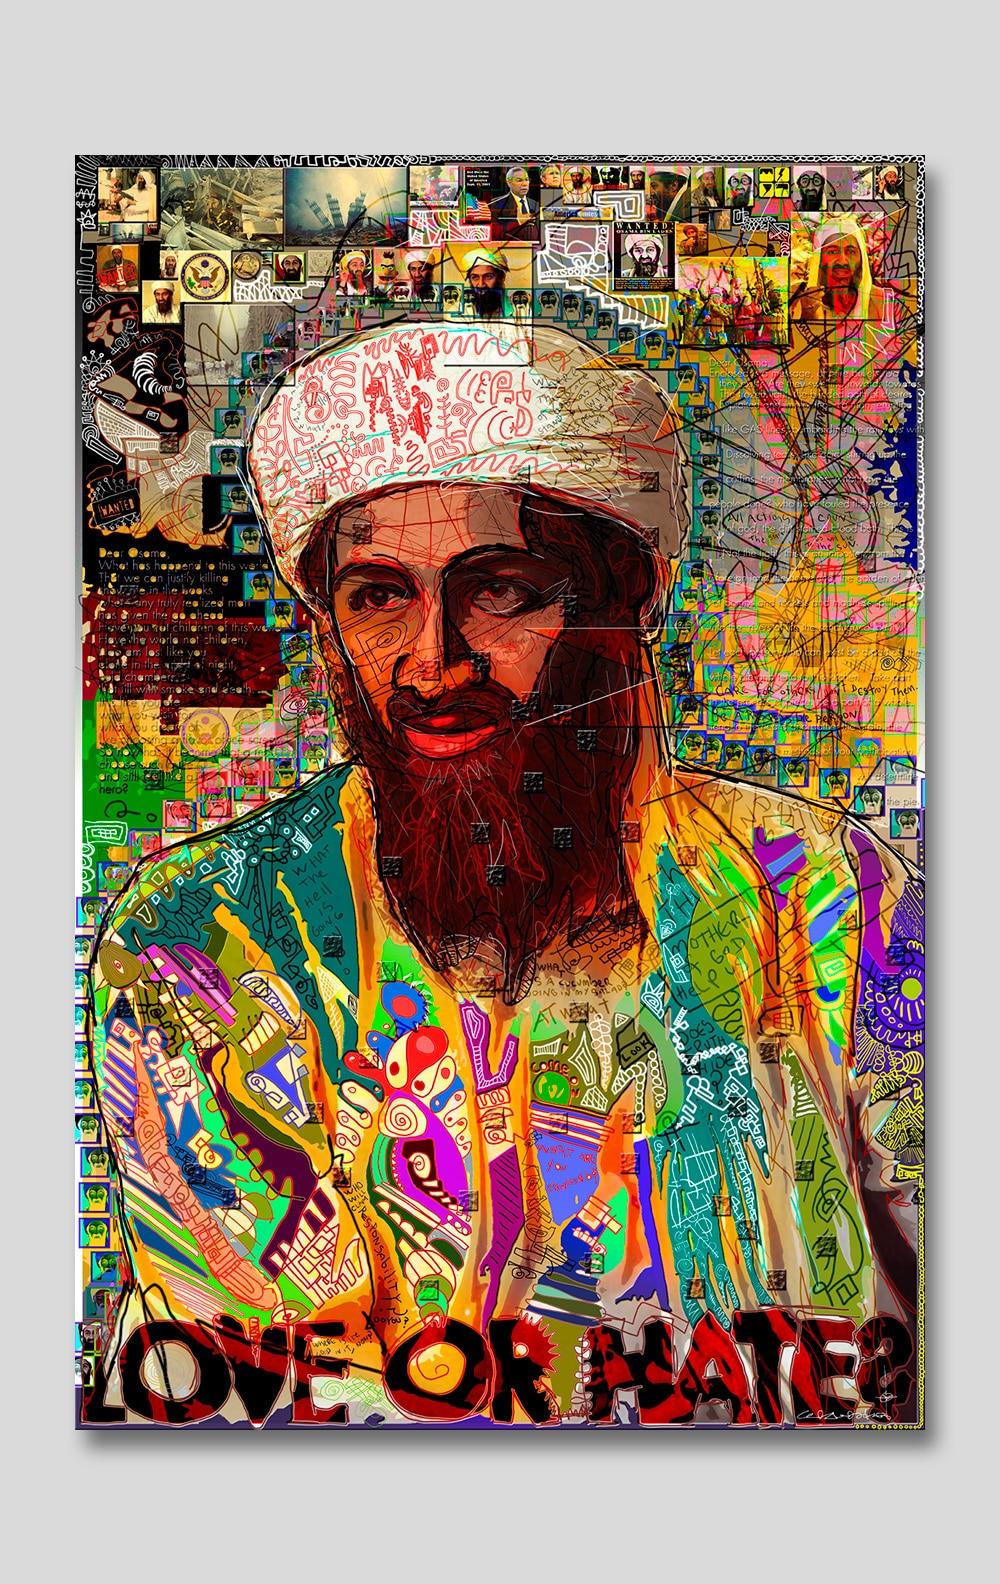 portrait-of-osama-bin-laden